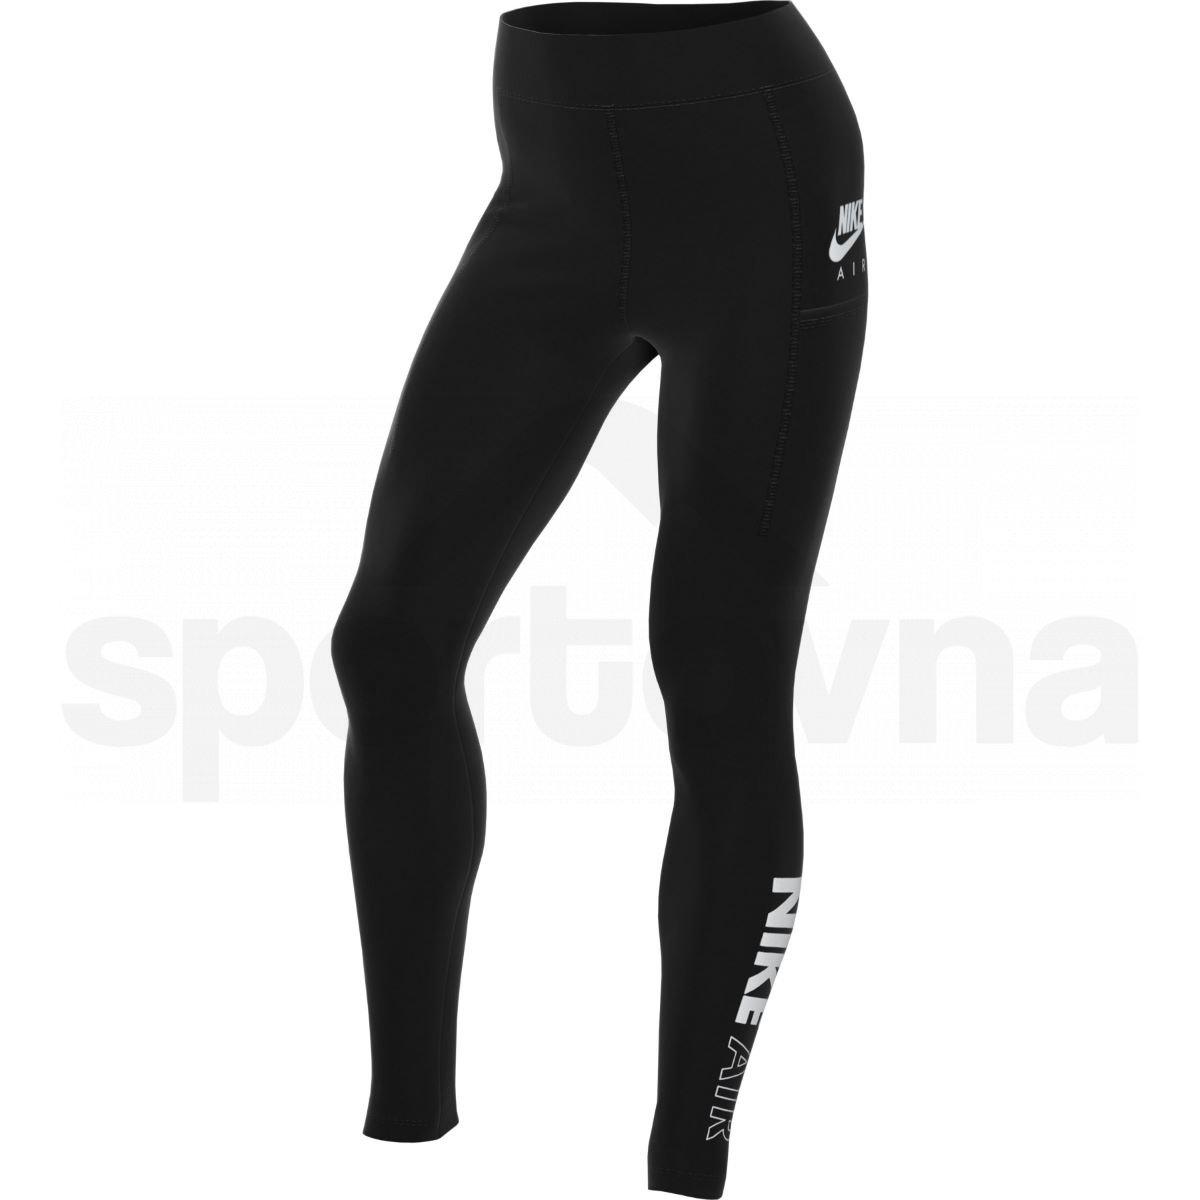 nike-air-tights-black-white-cz8622-010-1-921088